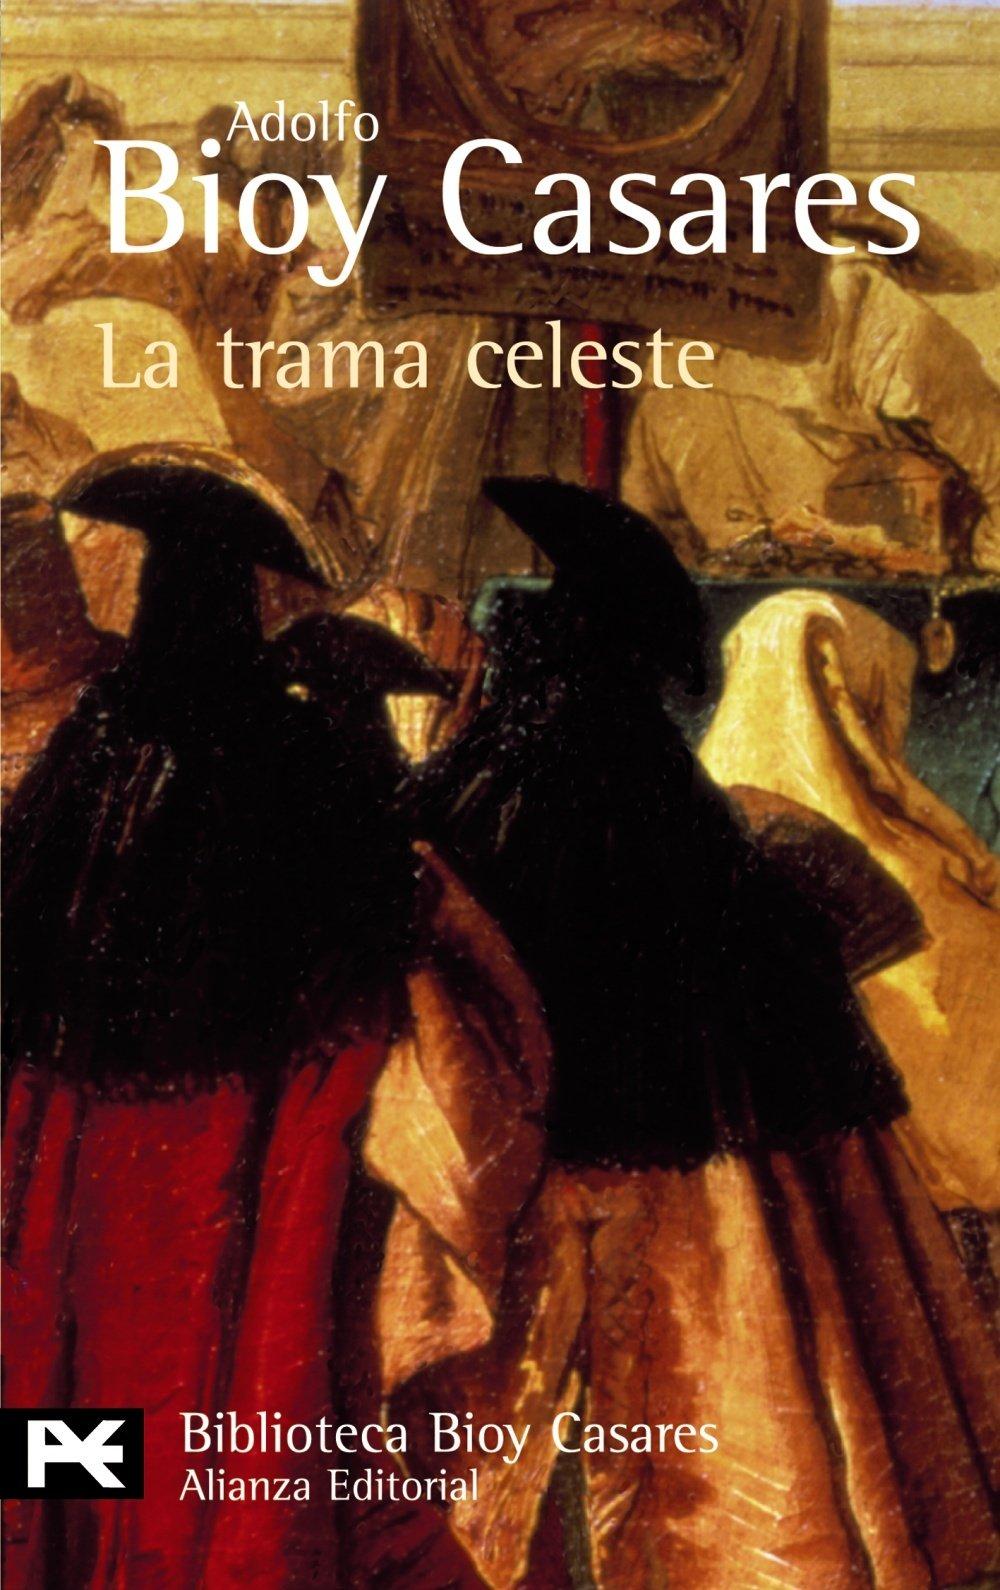 La Trama Celeste